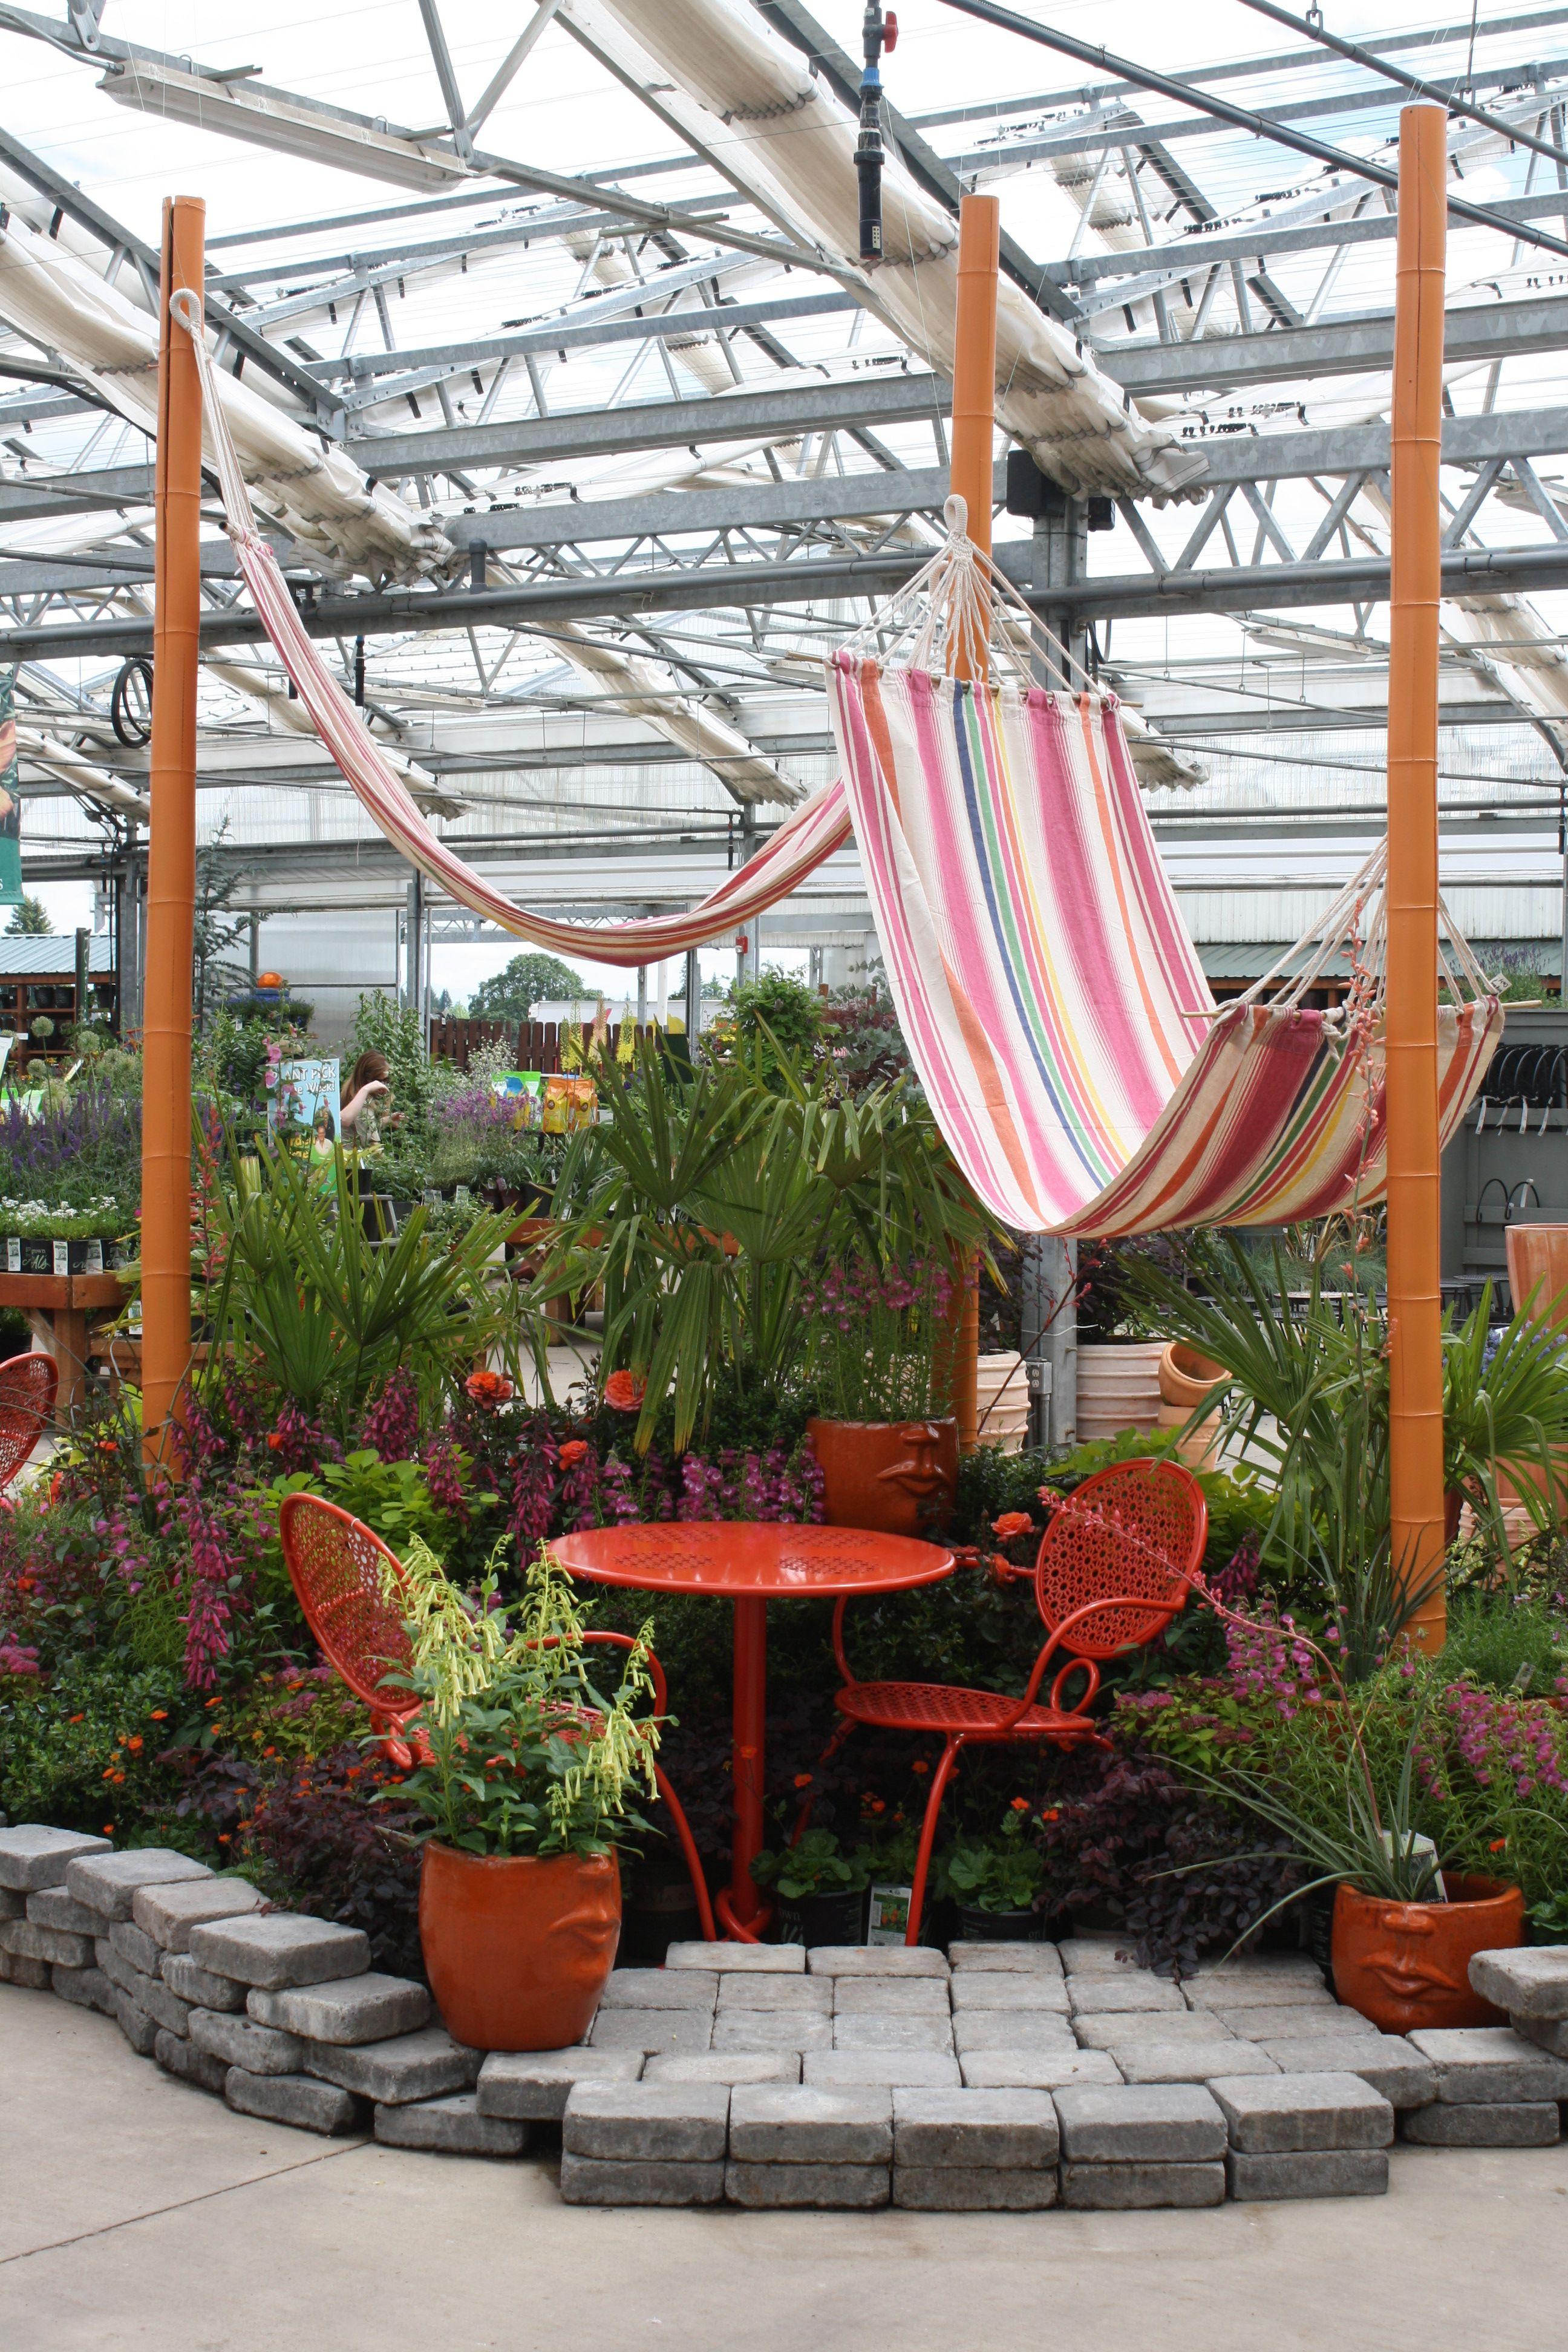 Lazy days in the summer garden at Al's Garden Centers